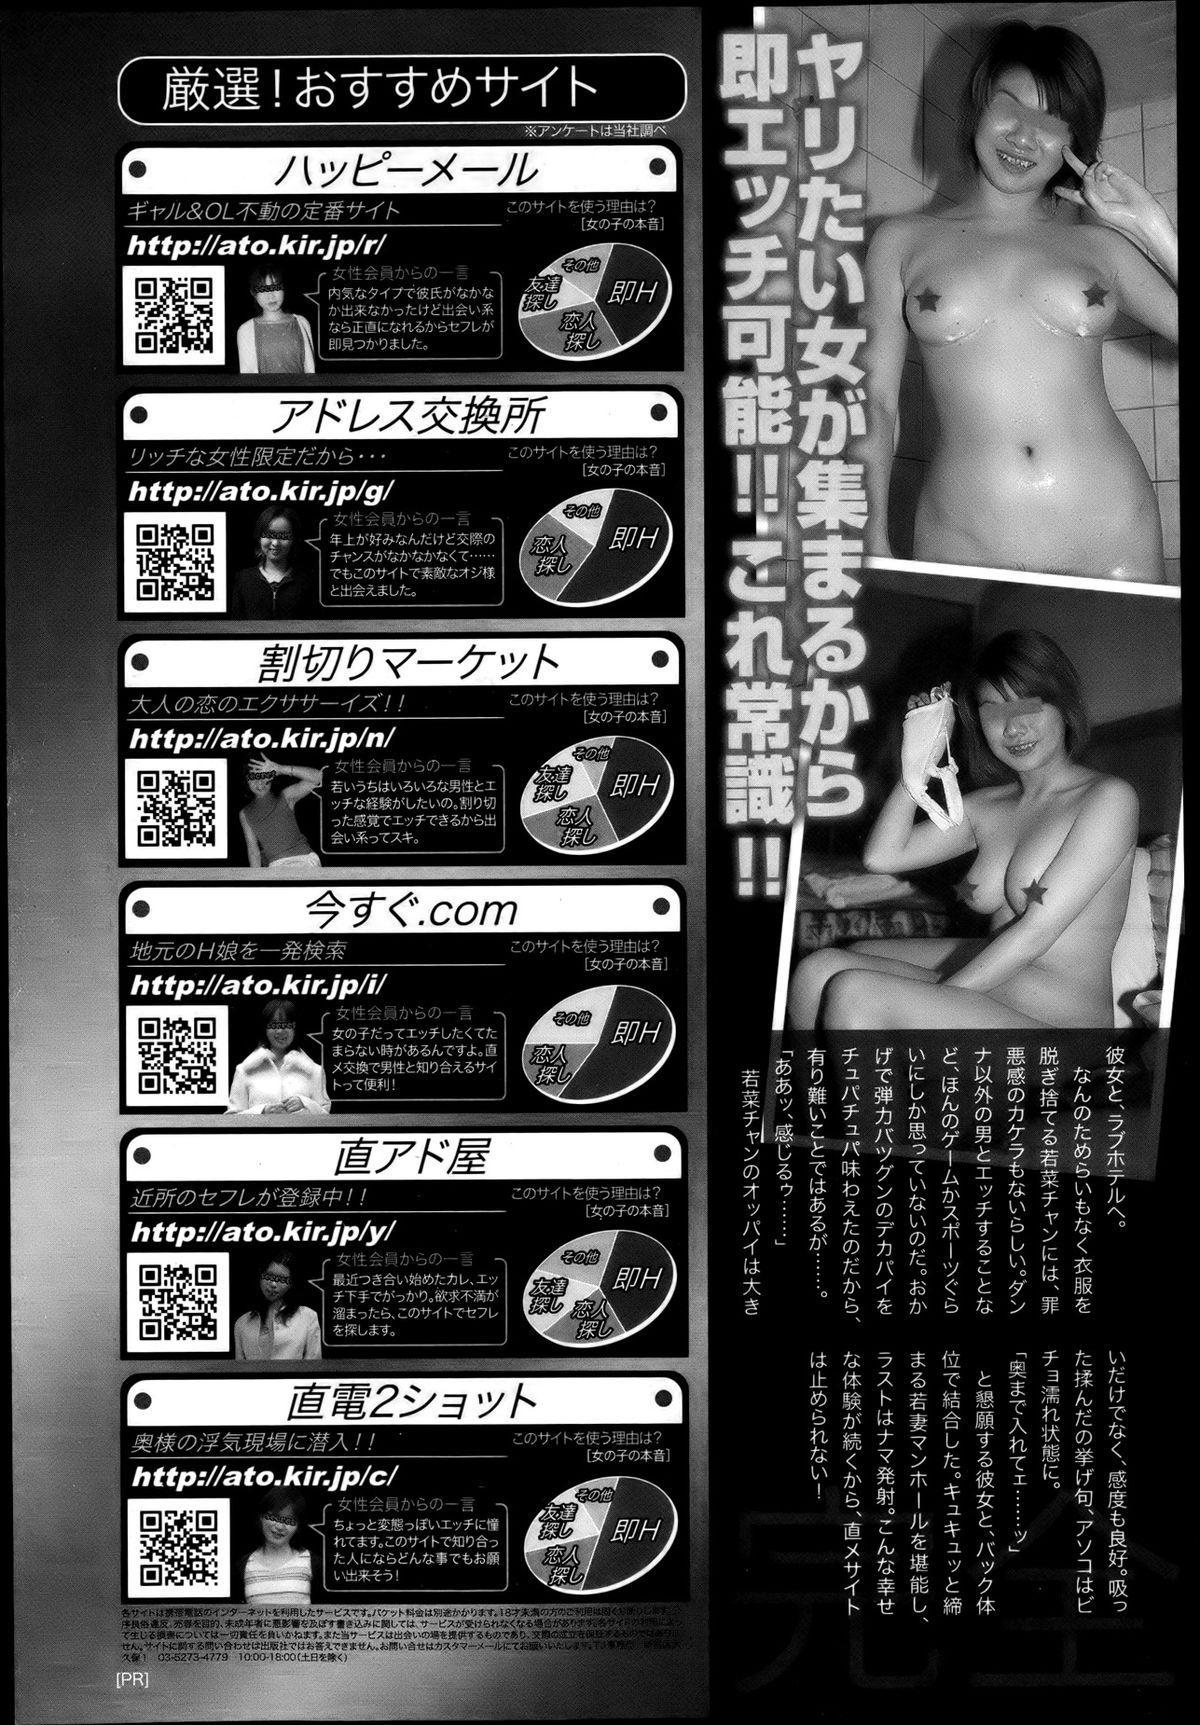 COMIC Tenma 2013-04 401